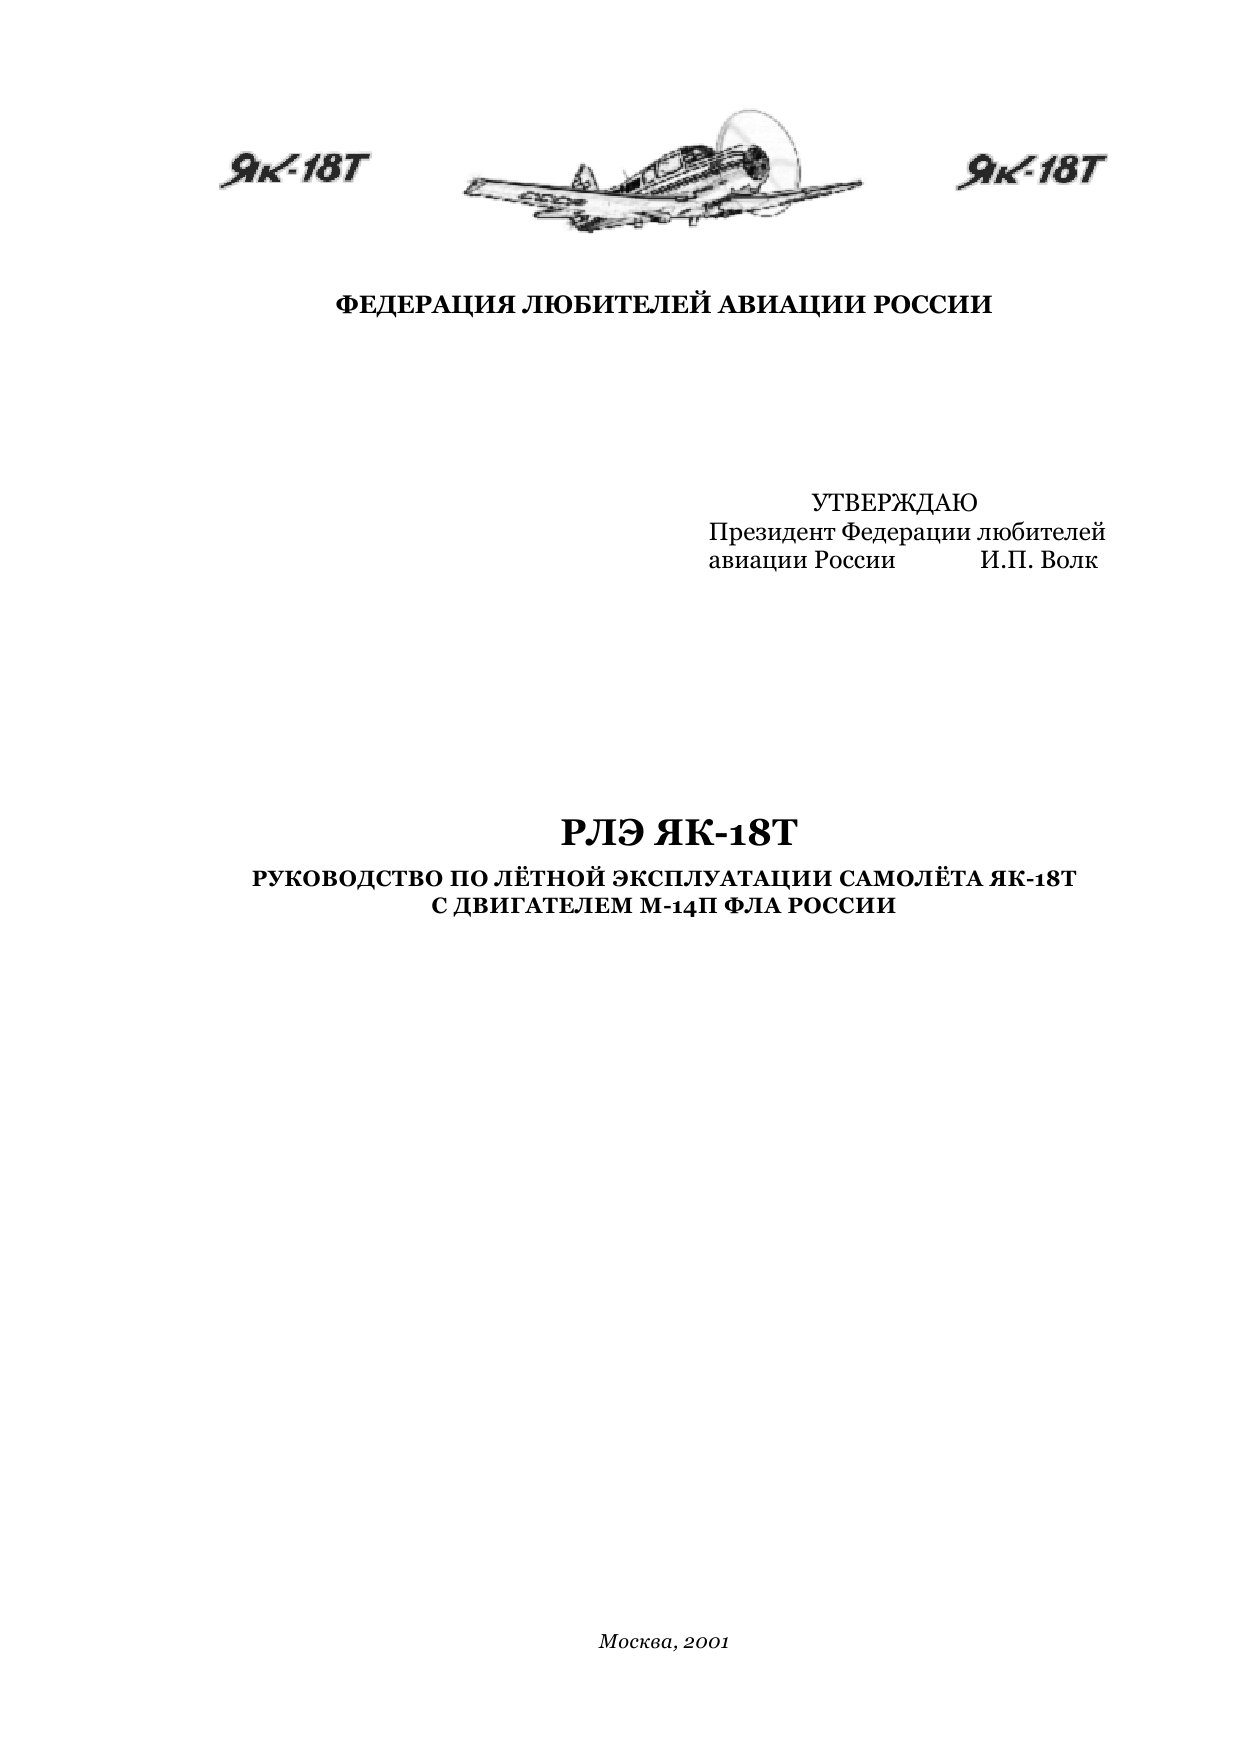 Инструкция по эксплуатации вертолета